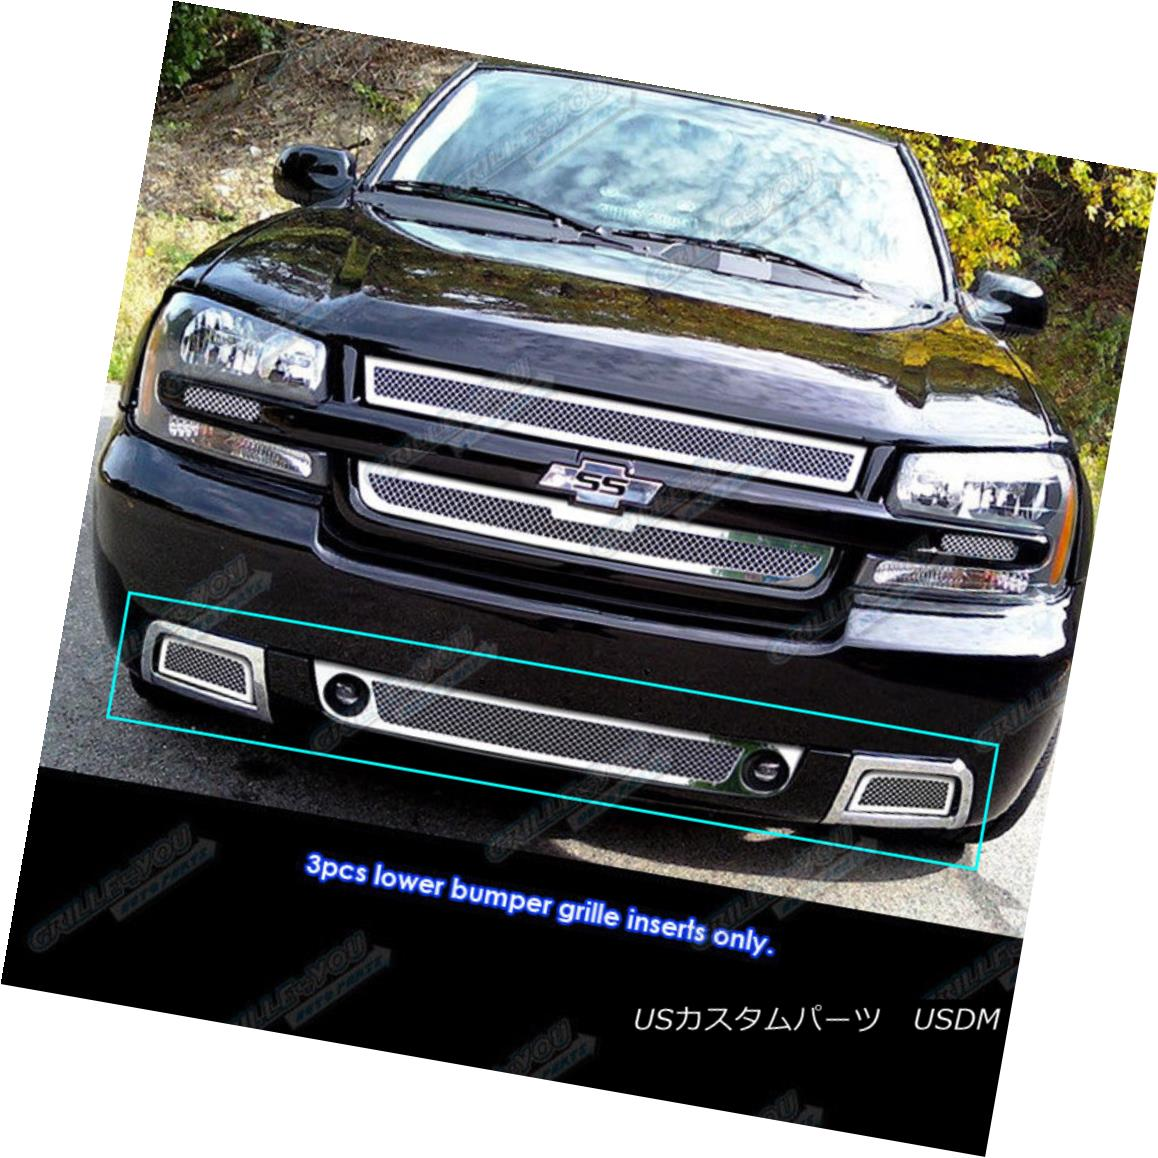 グリル Fits 06-09 Chevy Trailblazer SS Lower Bumper Mesh Grille Insert フィット06-09シボレートレイルブレイザーSSロワーバンパーメッシュグリルインサート